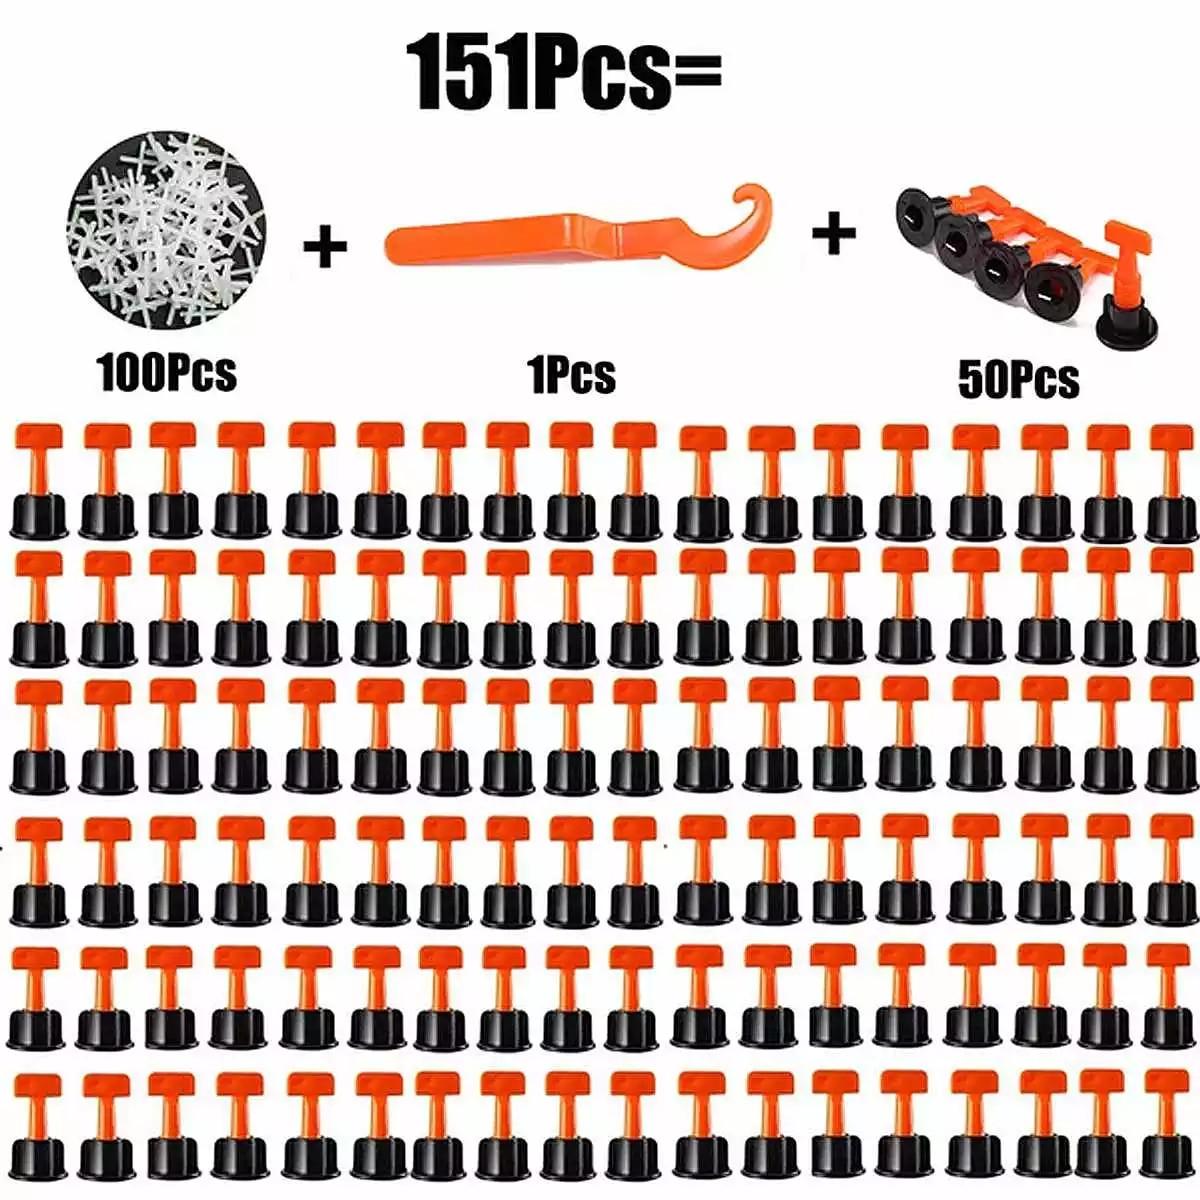 50 шт. многоразовая Выравнивающая система для плитки, Выравнивающая система для выравнивания плитки, напольного покрытия, настенной плитки, набор строительных инструментов